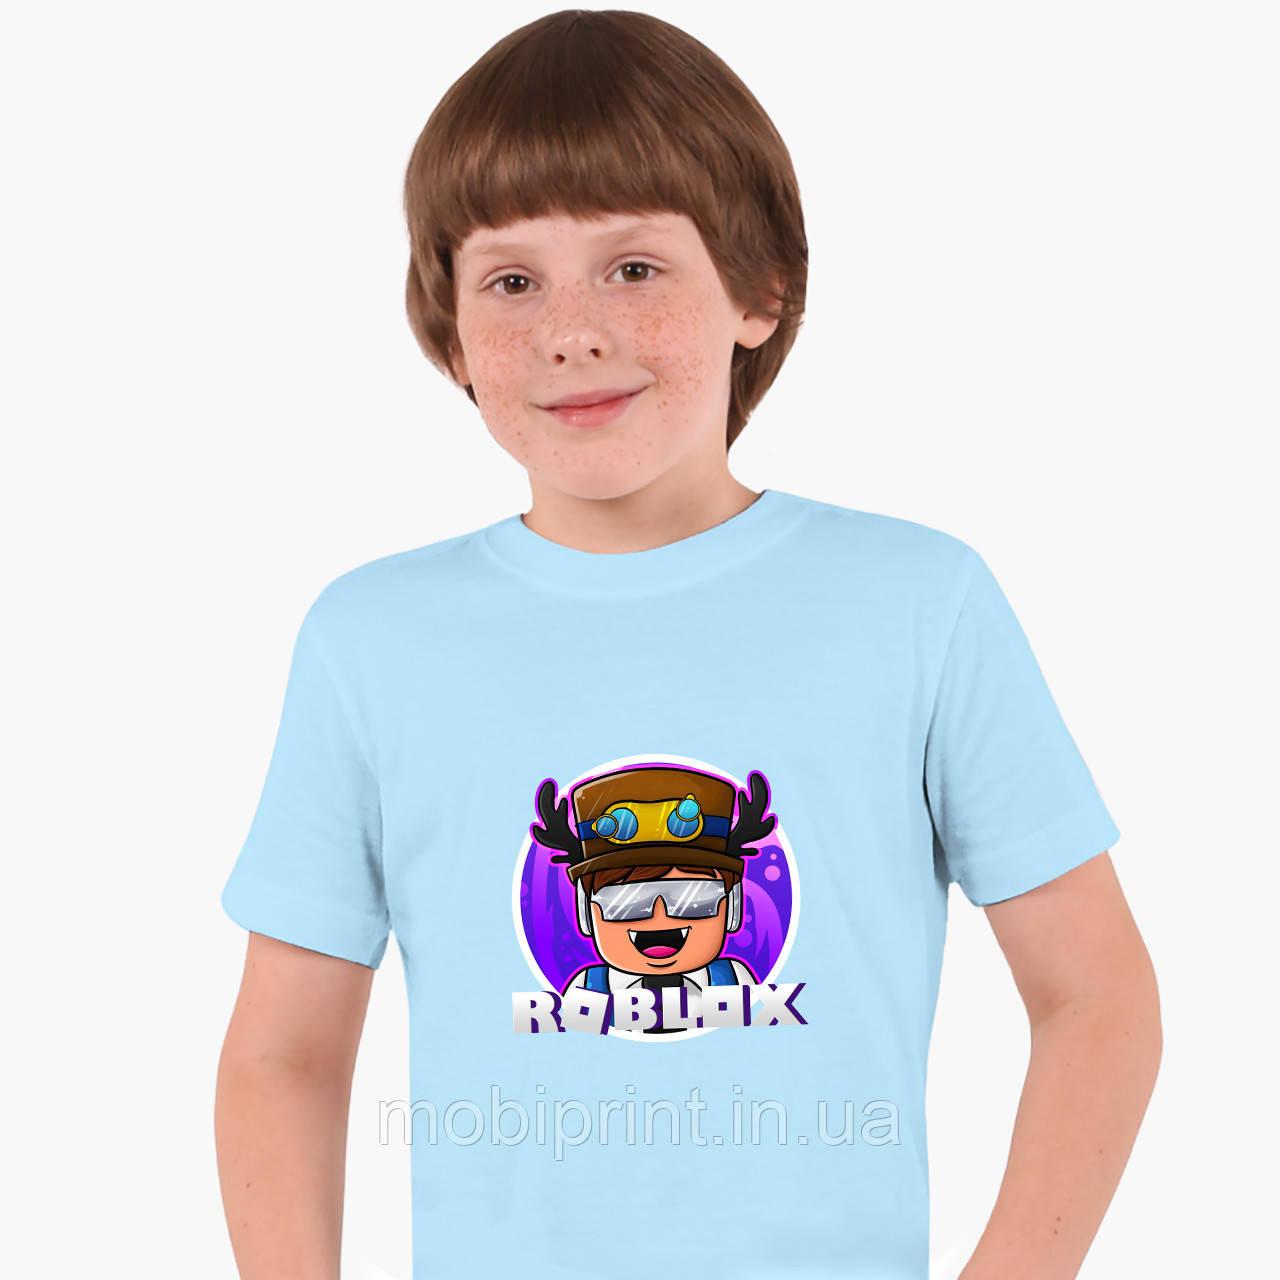 Детская футболка для мальчиков Роблокс (Roblox) (25186-1218) Голубой